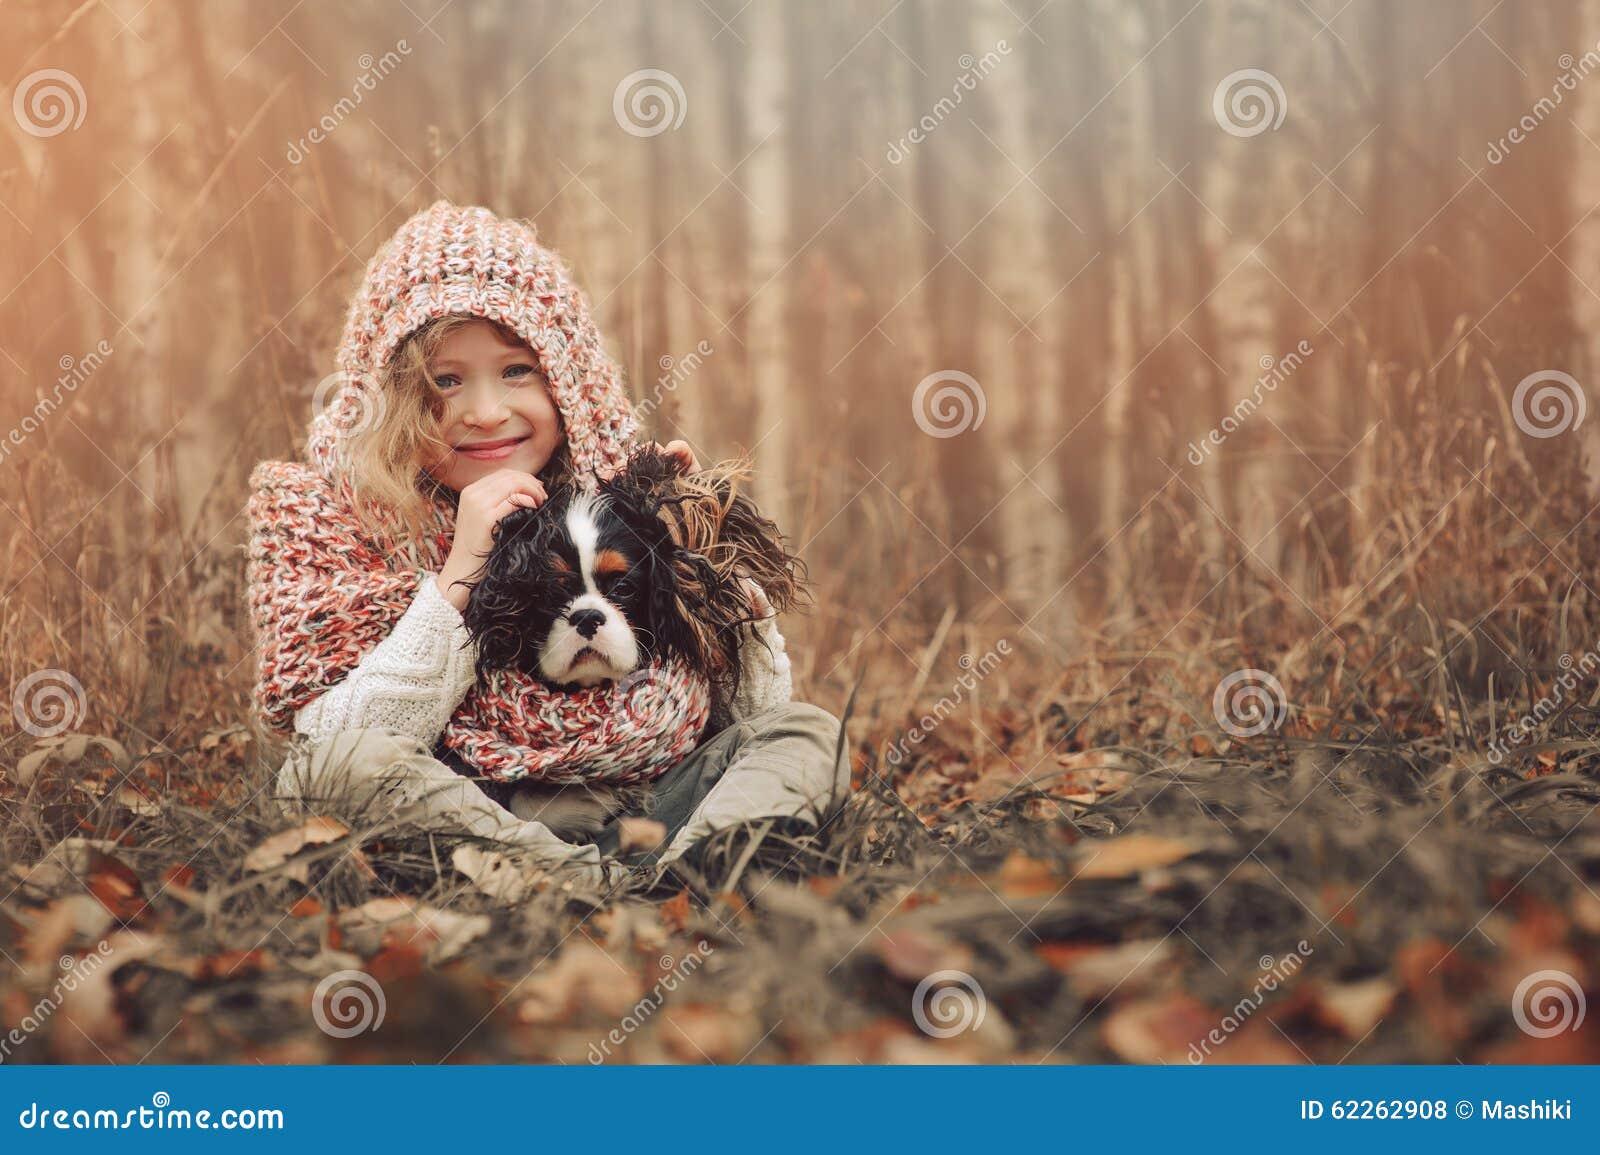 Happy child girl with her spaniel dog on cozy warm autumn walk